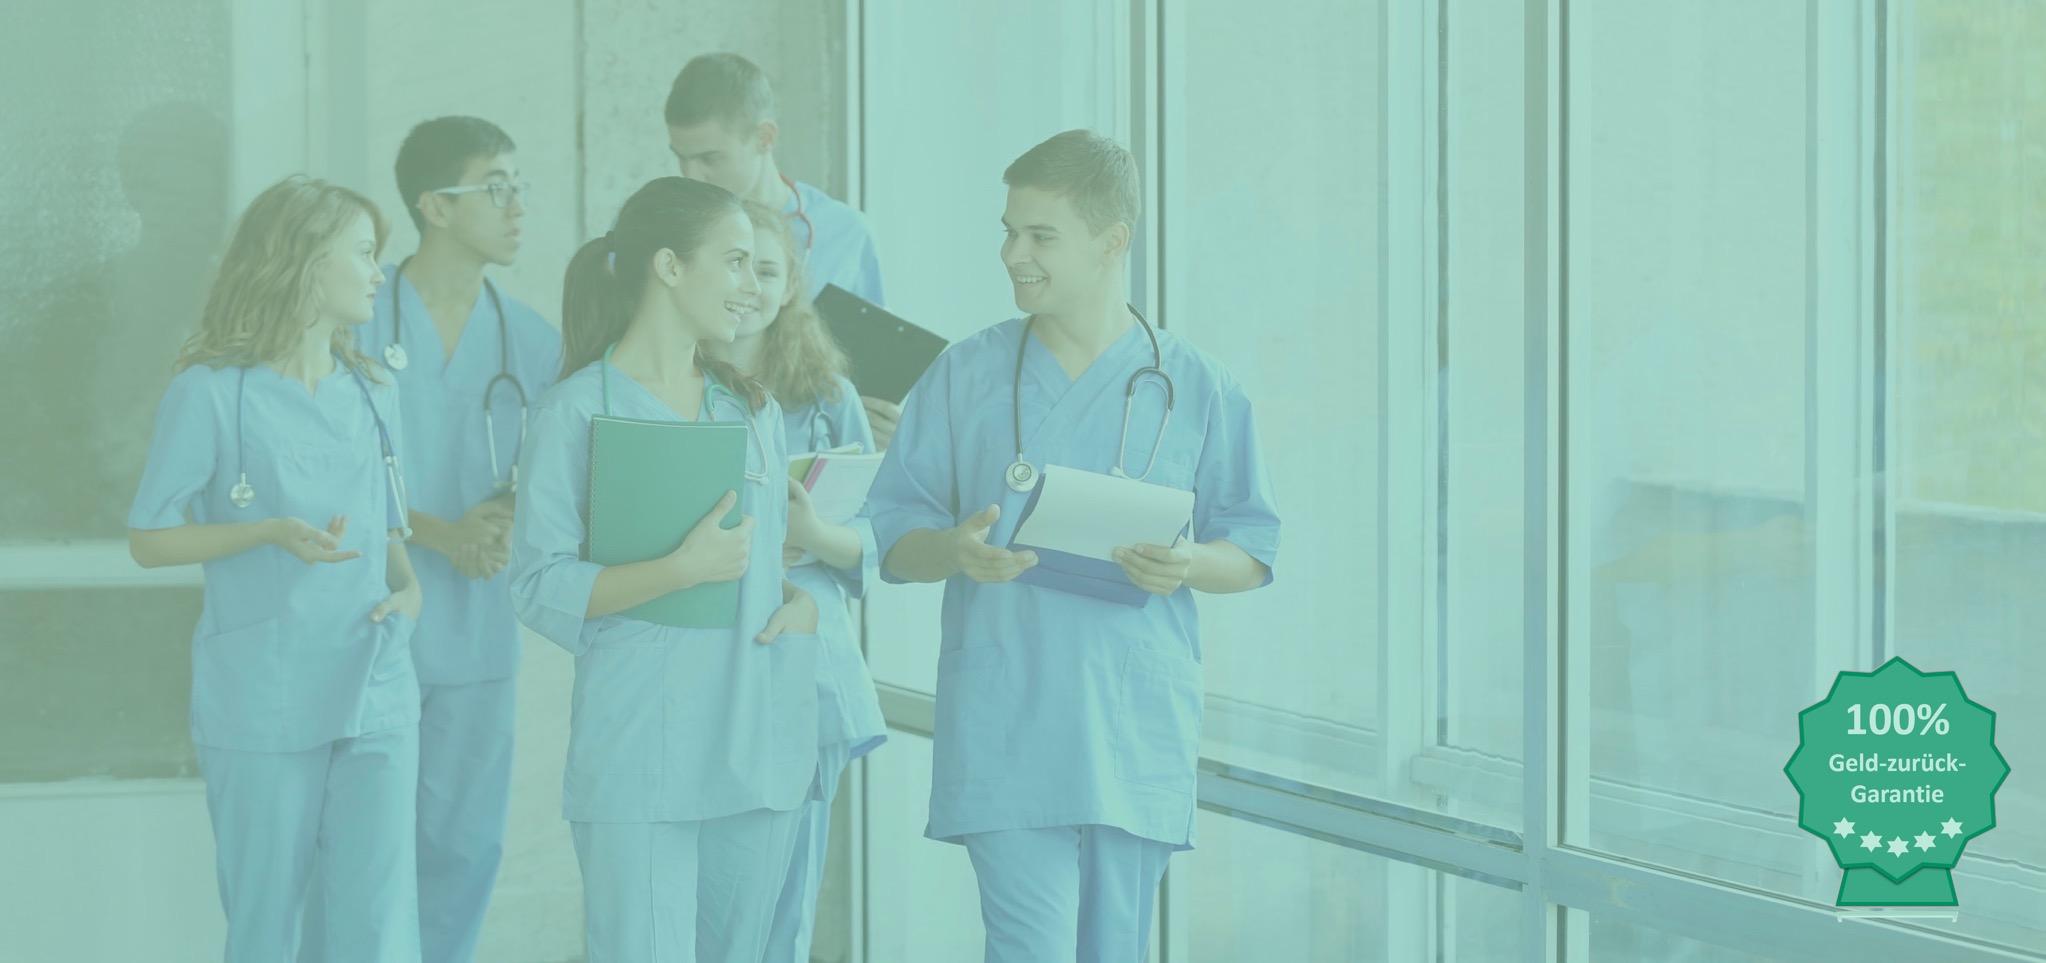 Berechne deine Chancen auf einen Medizinstudienplatz in Deutschland